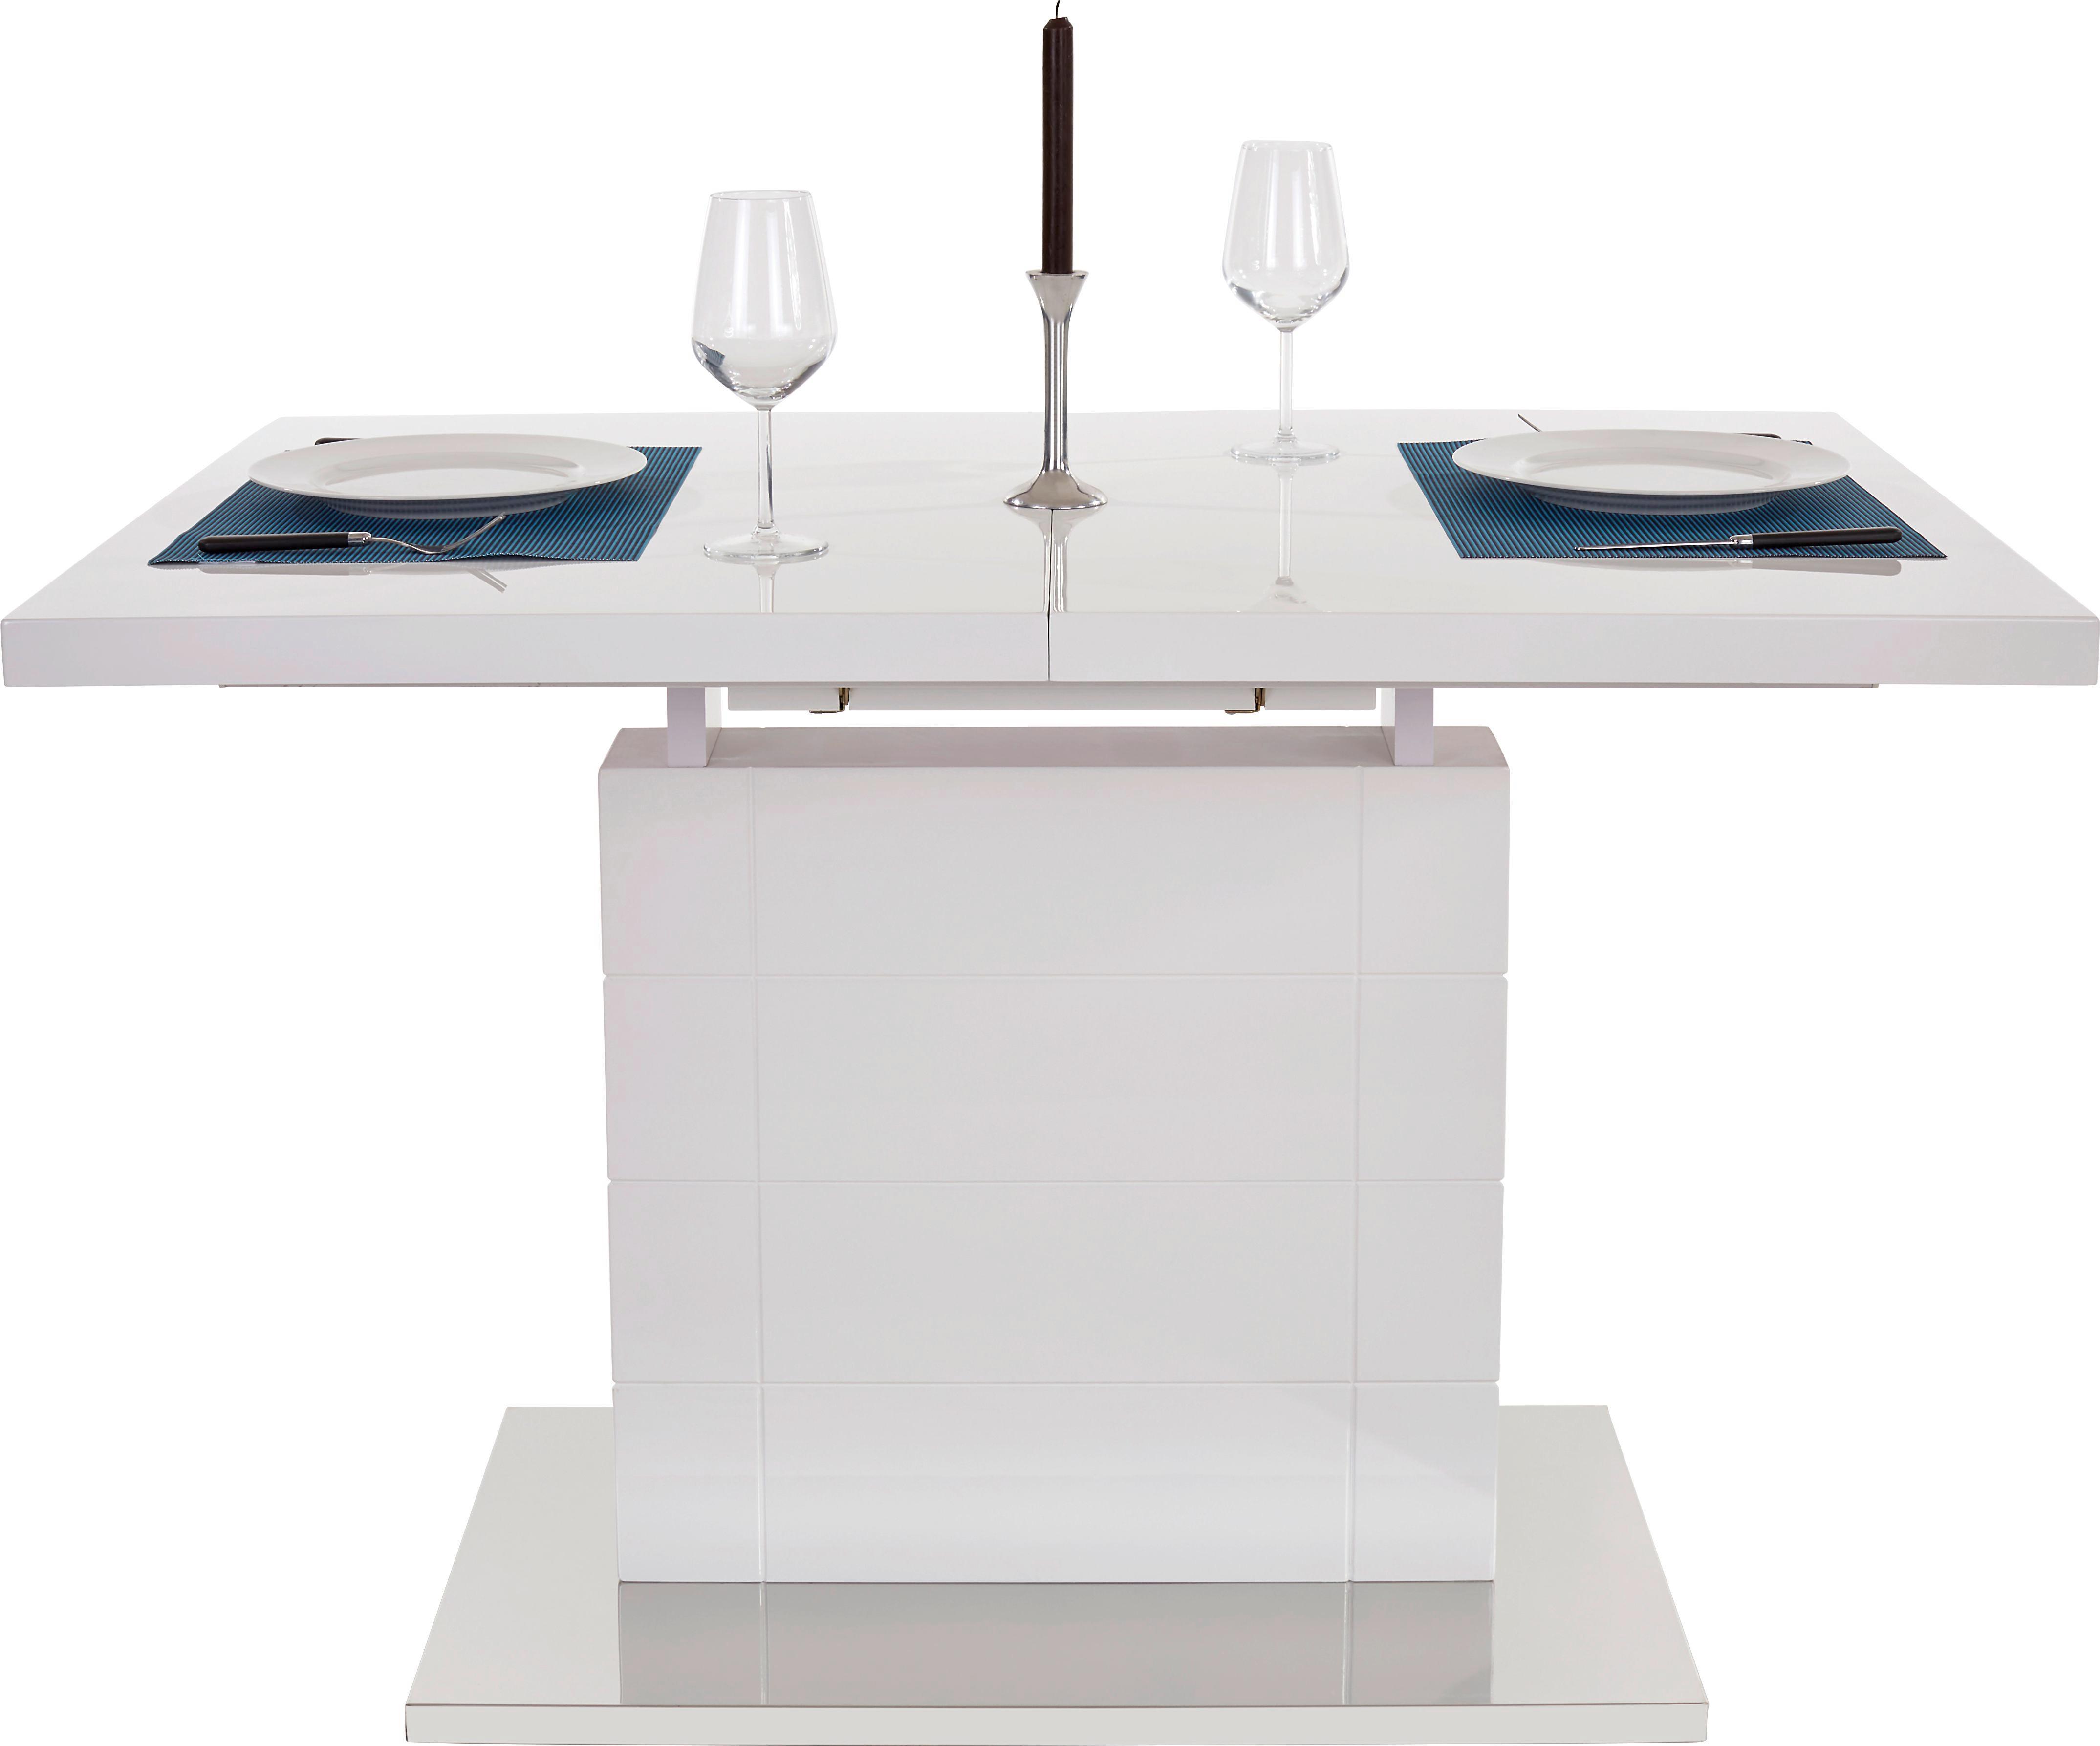 Ausziehbarer Esstisch Raymond 120cm Weiß Hochglanz   Edelstahlfarben/Weiß,  MODERN, Holzwerkstoff/Metall